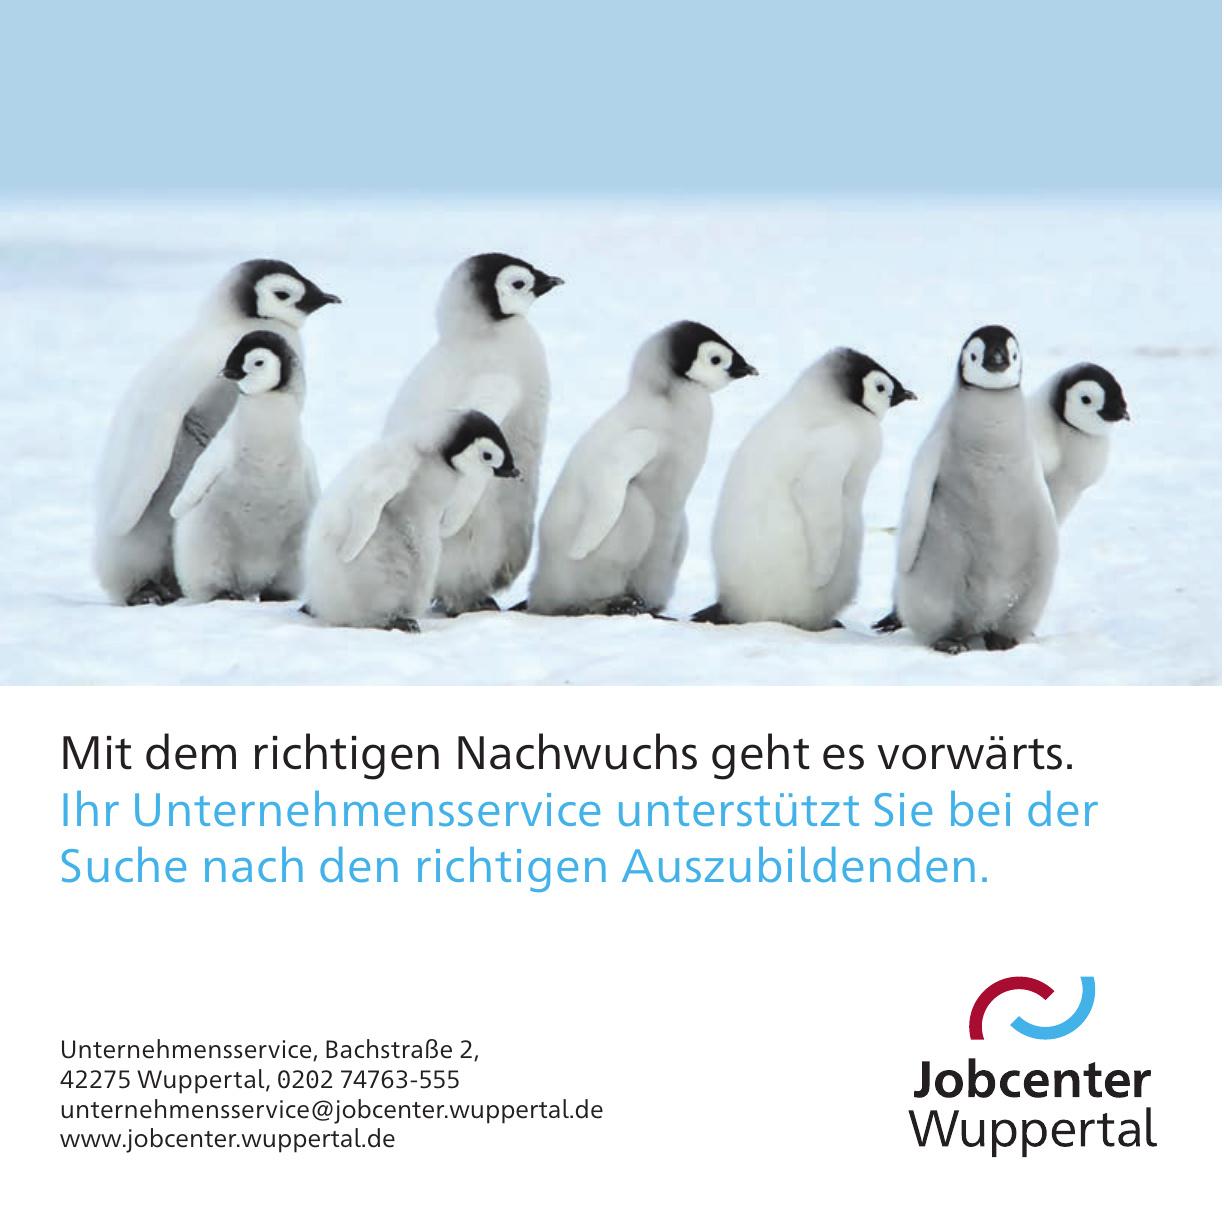 Jobcenter Wuppertal Unternehmensservice